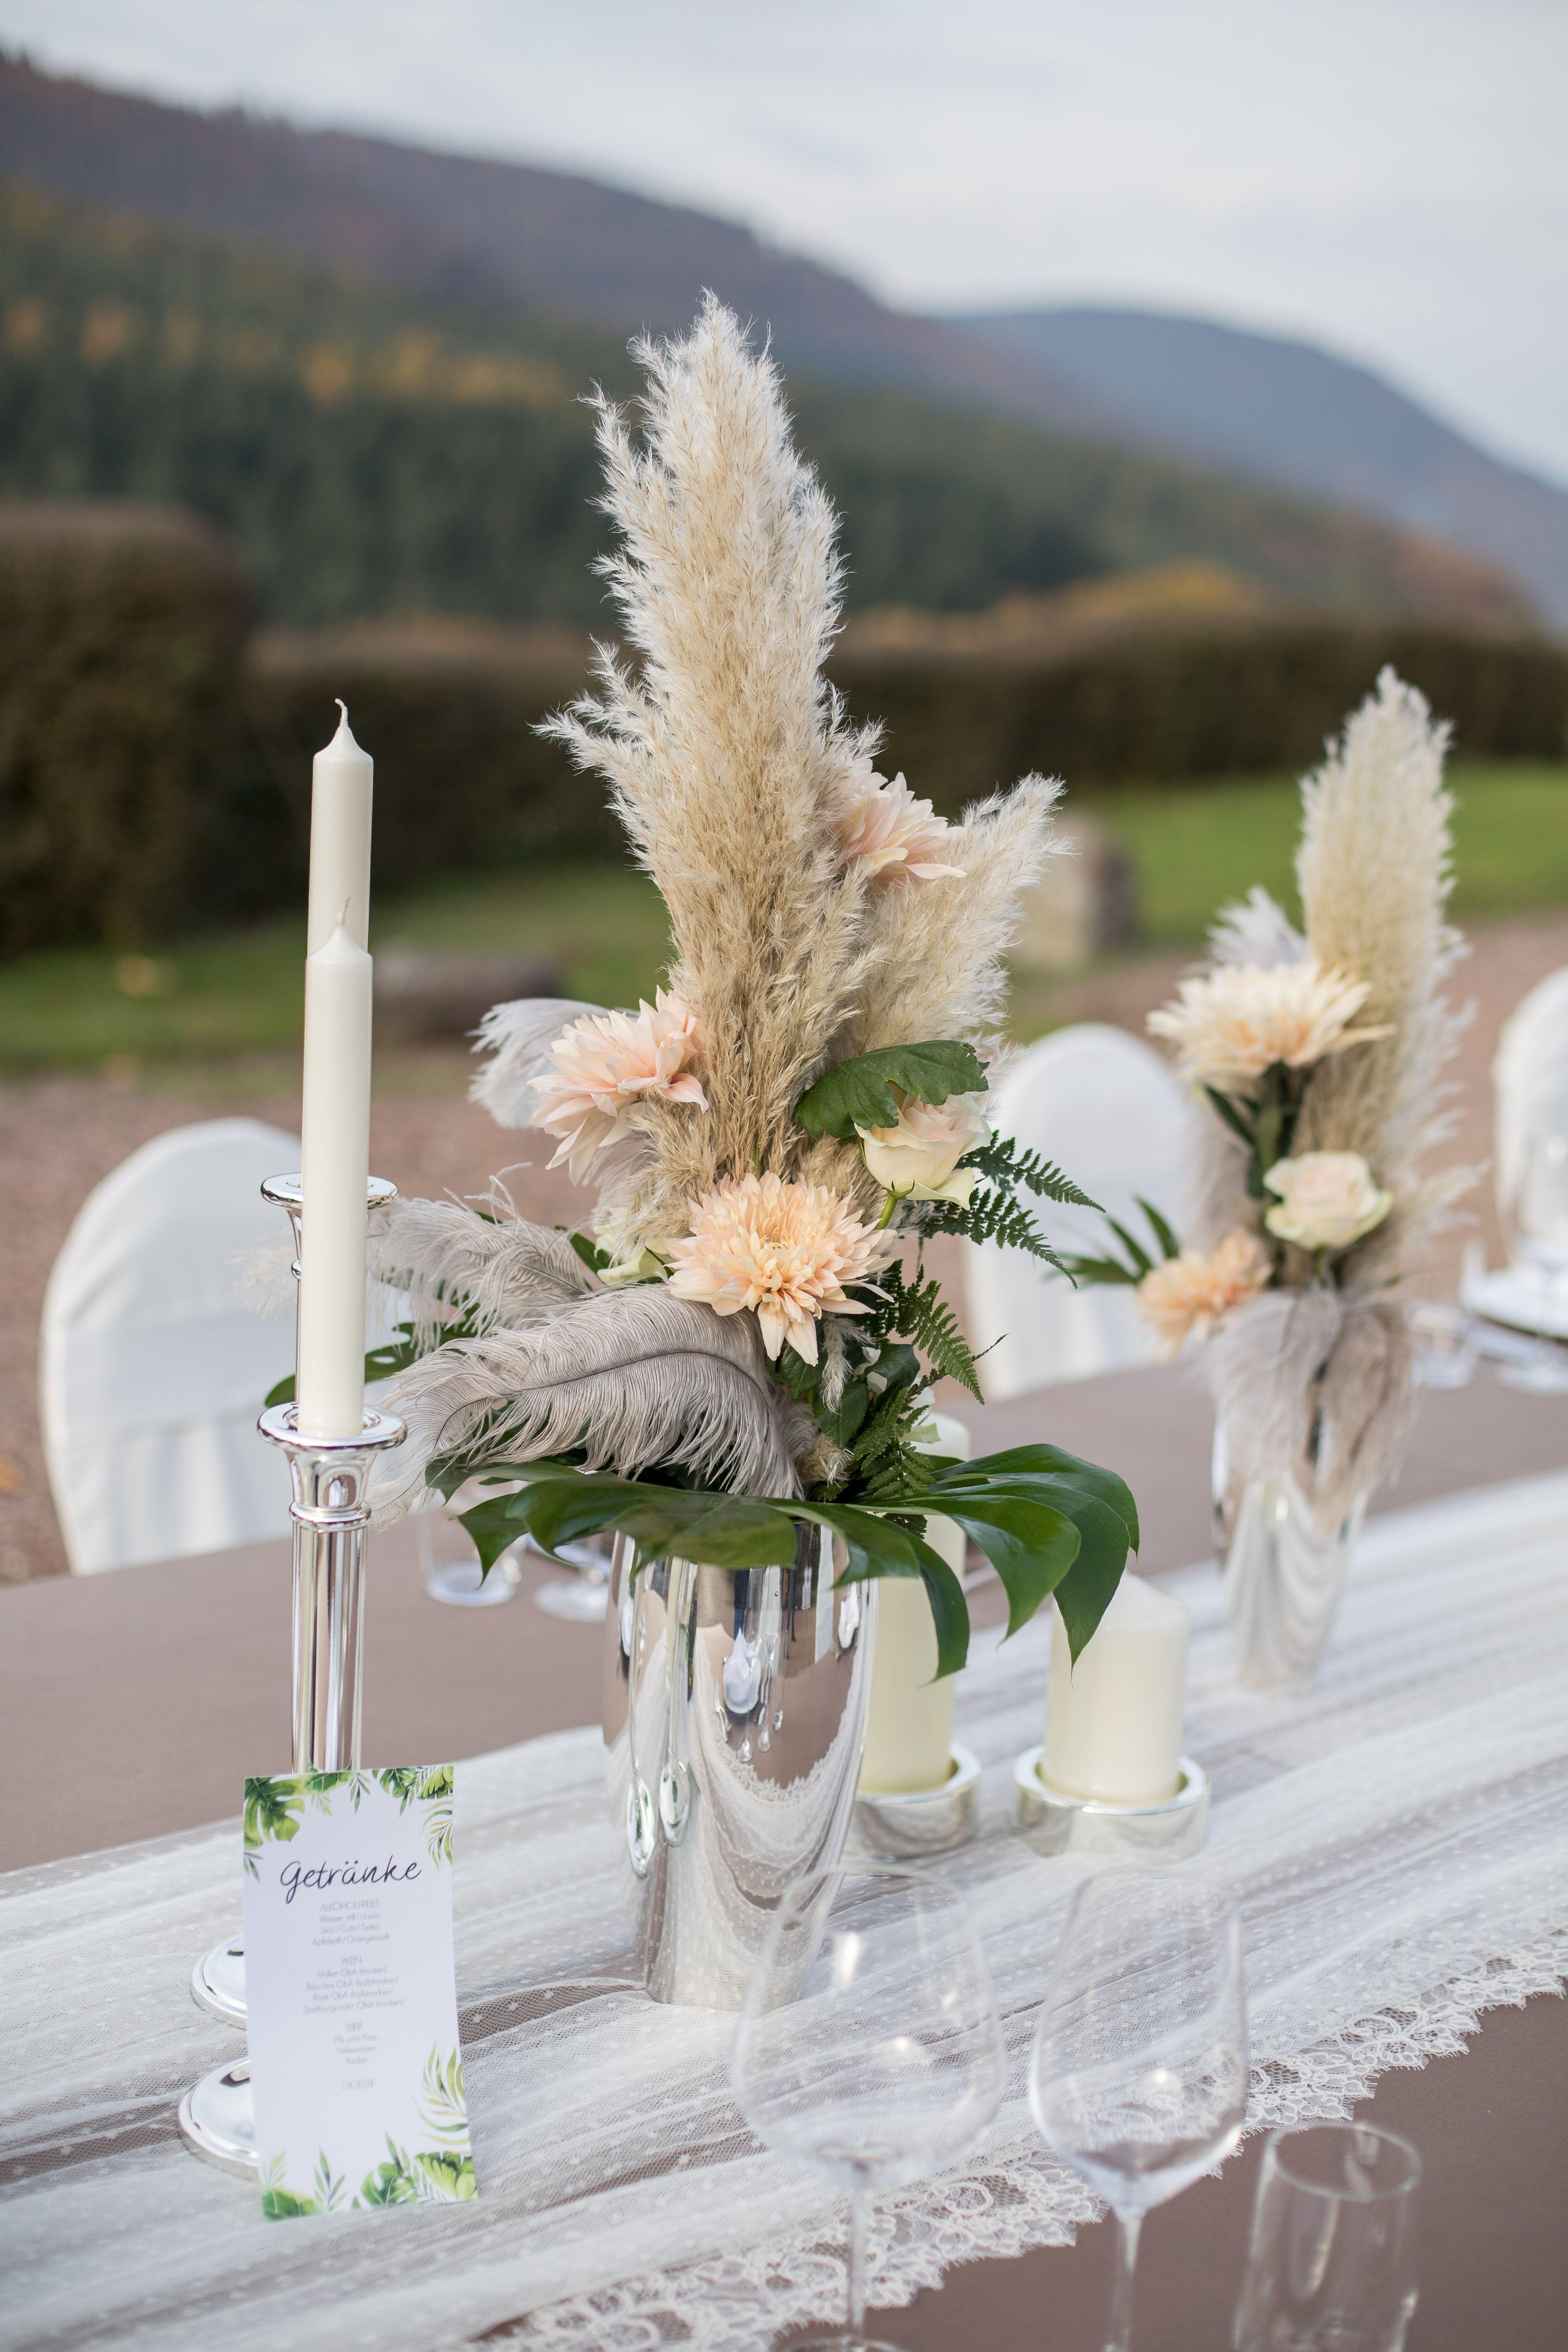 Idee Idea Traumfänger Boho Greenery Birke Outdoor Federn Rosen Pampa Gras Silber Spitze Vinta Dekoration Hochzeit Hochzeitsdeko Hochzeitsdekoration